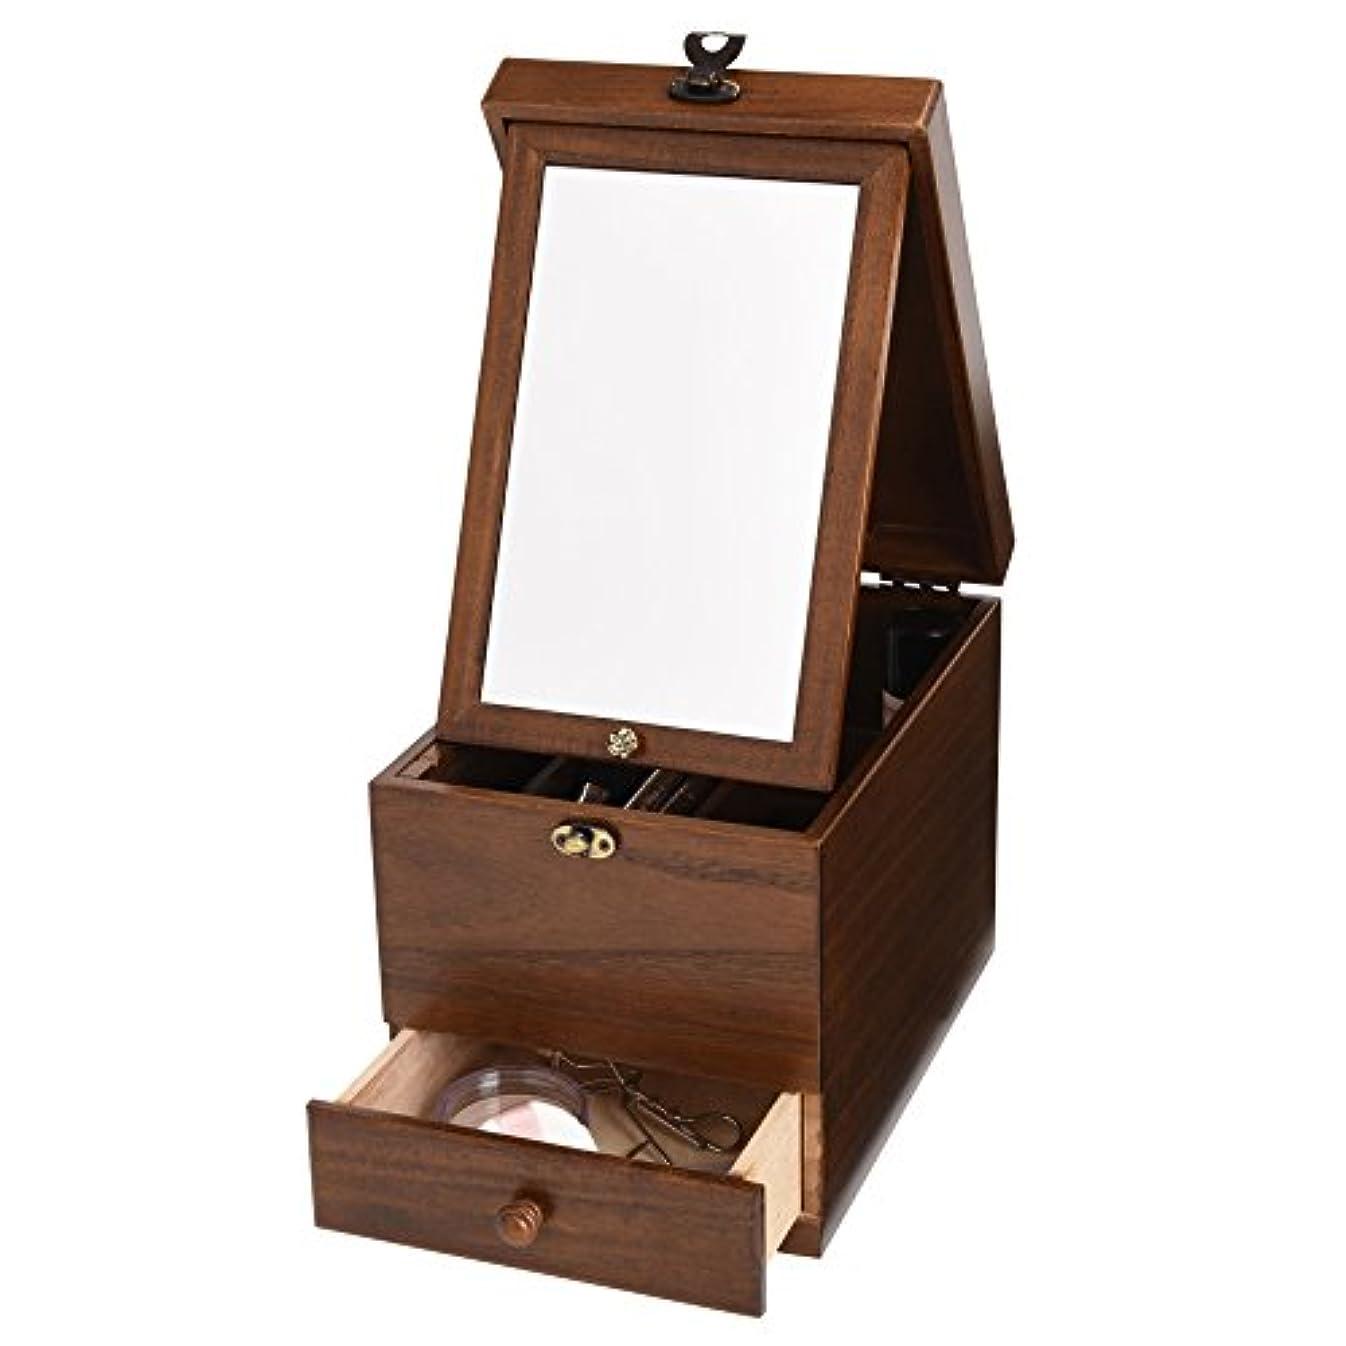 有名人構築する実際に木製コスメボックス 引き出し 鏡付き 収納 メイクボックス 化粧ボックス 日本製